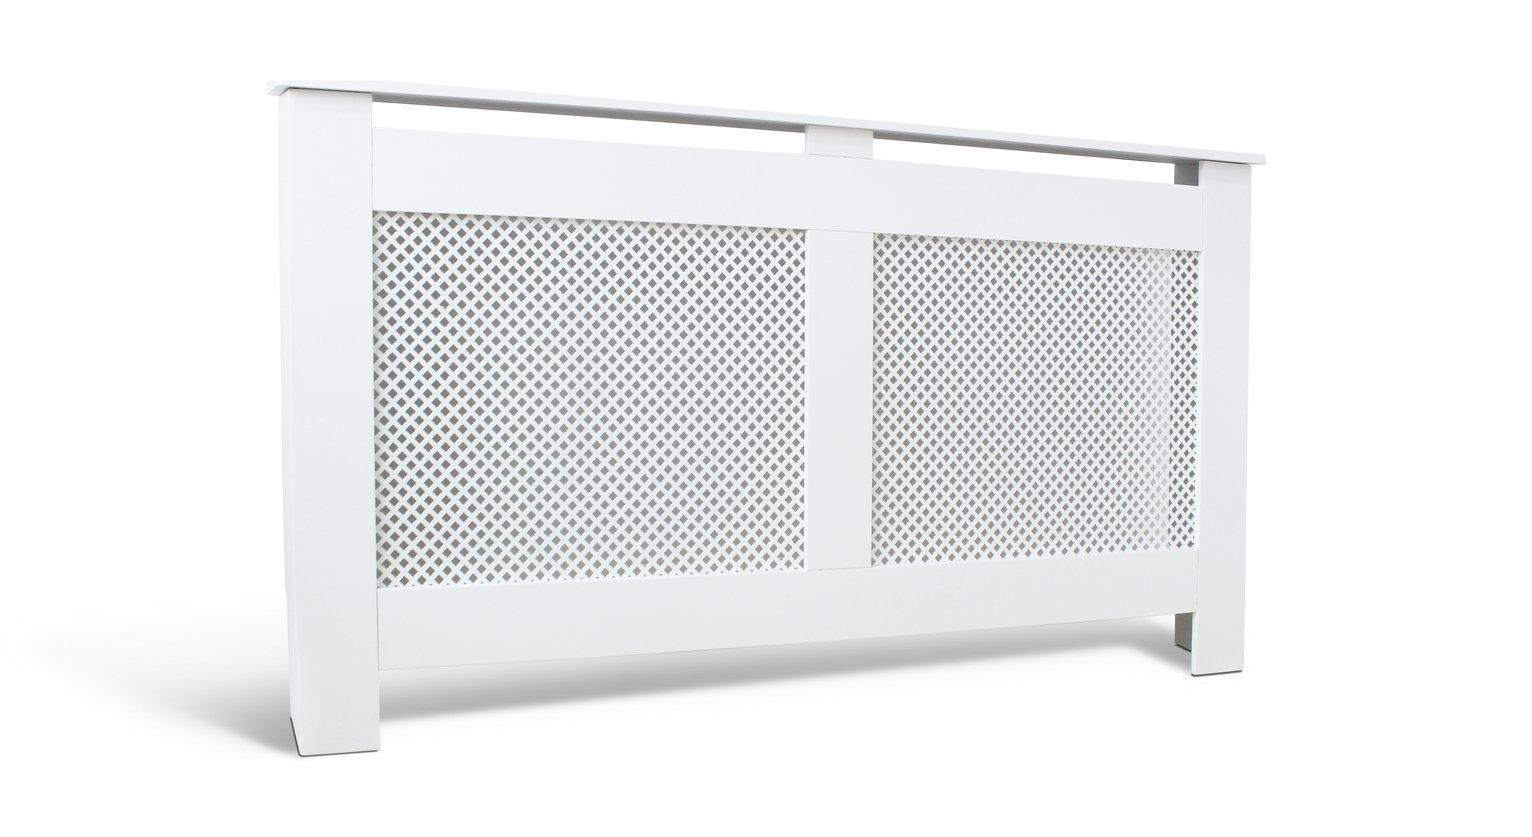 Argos Home Odell Large Radiator Cover - White